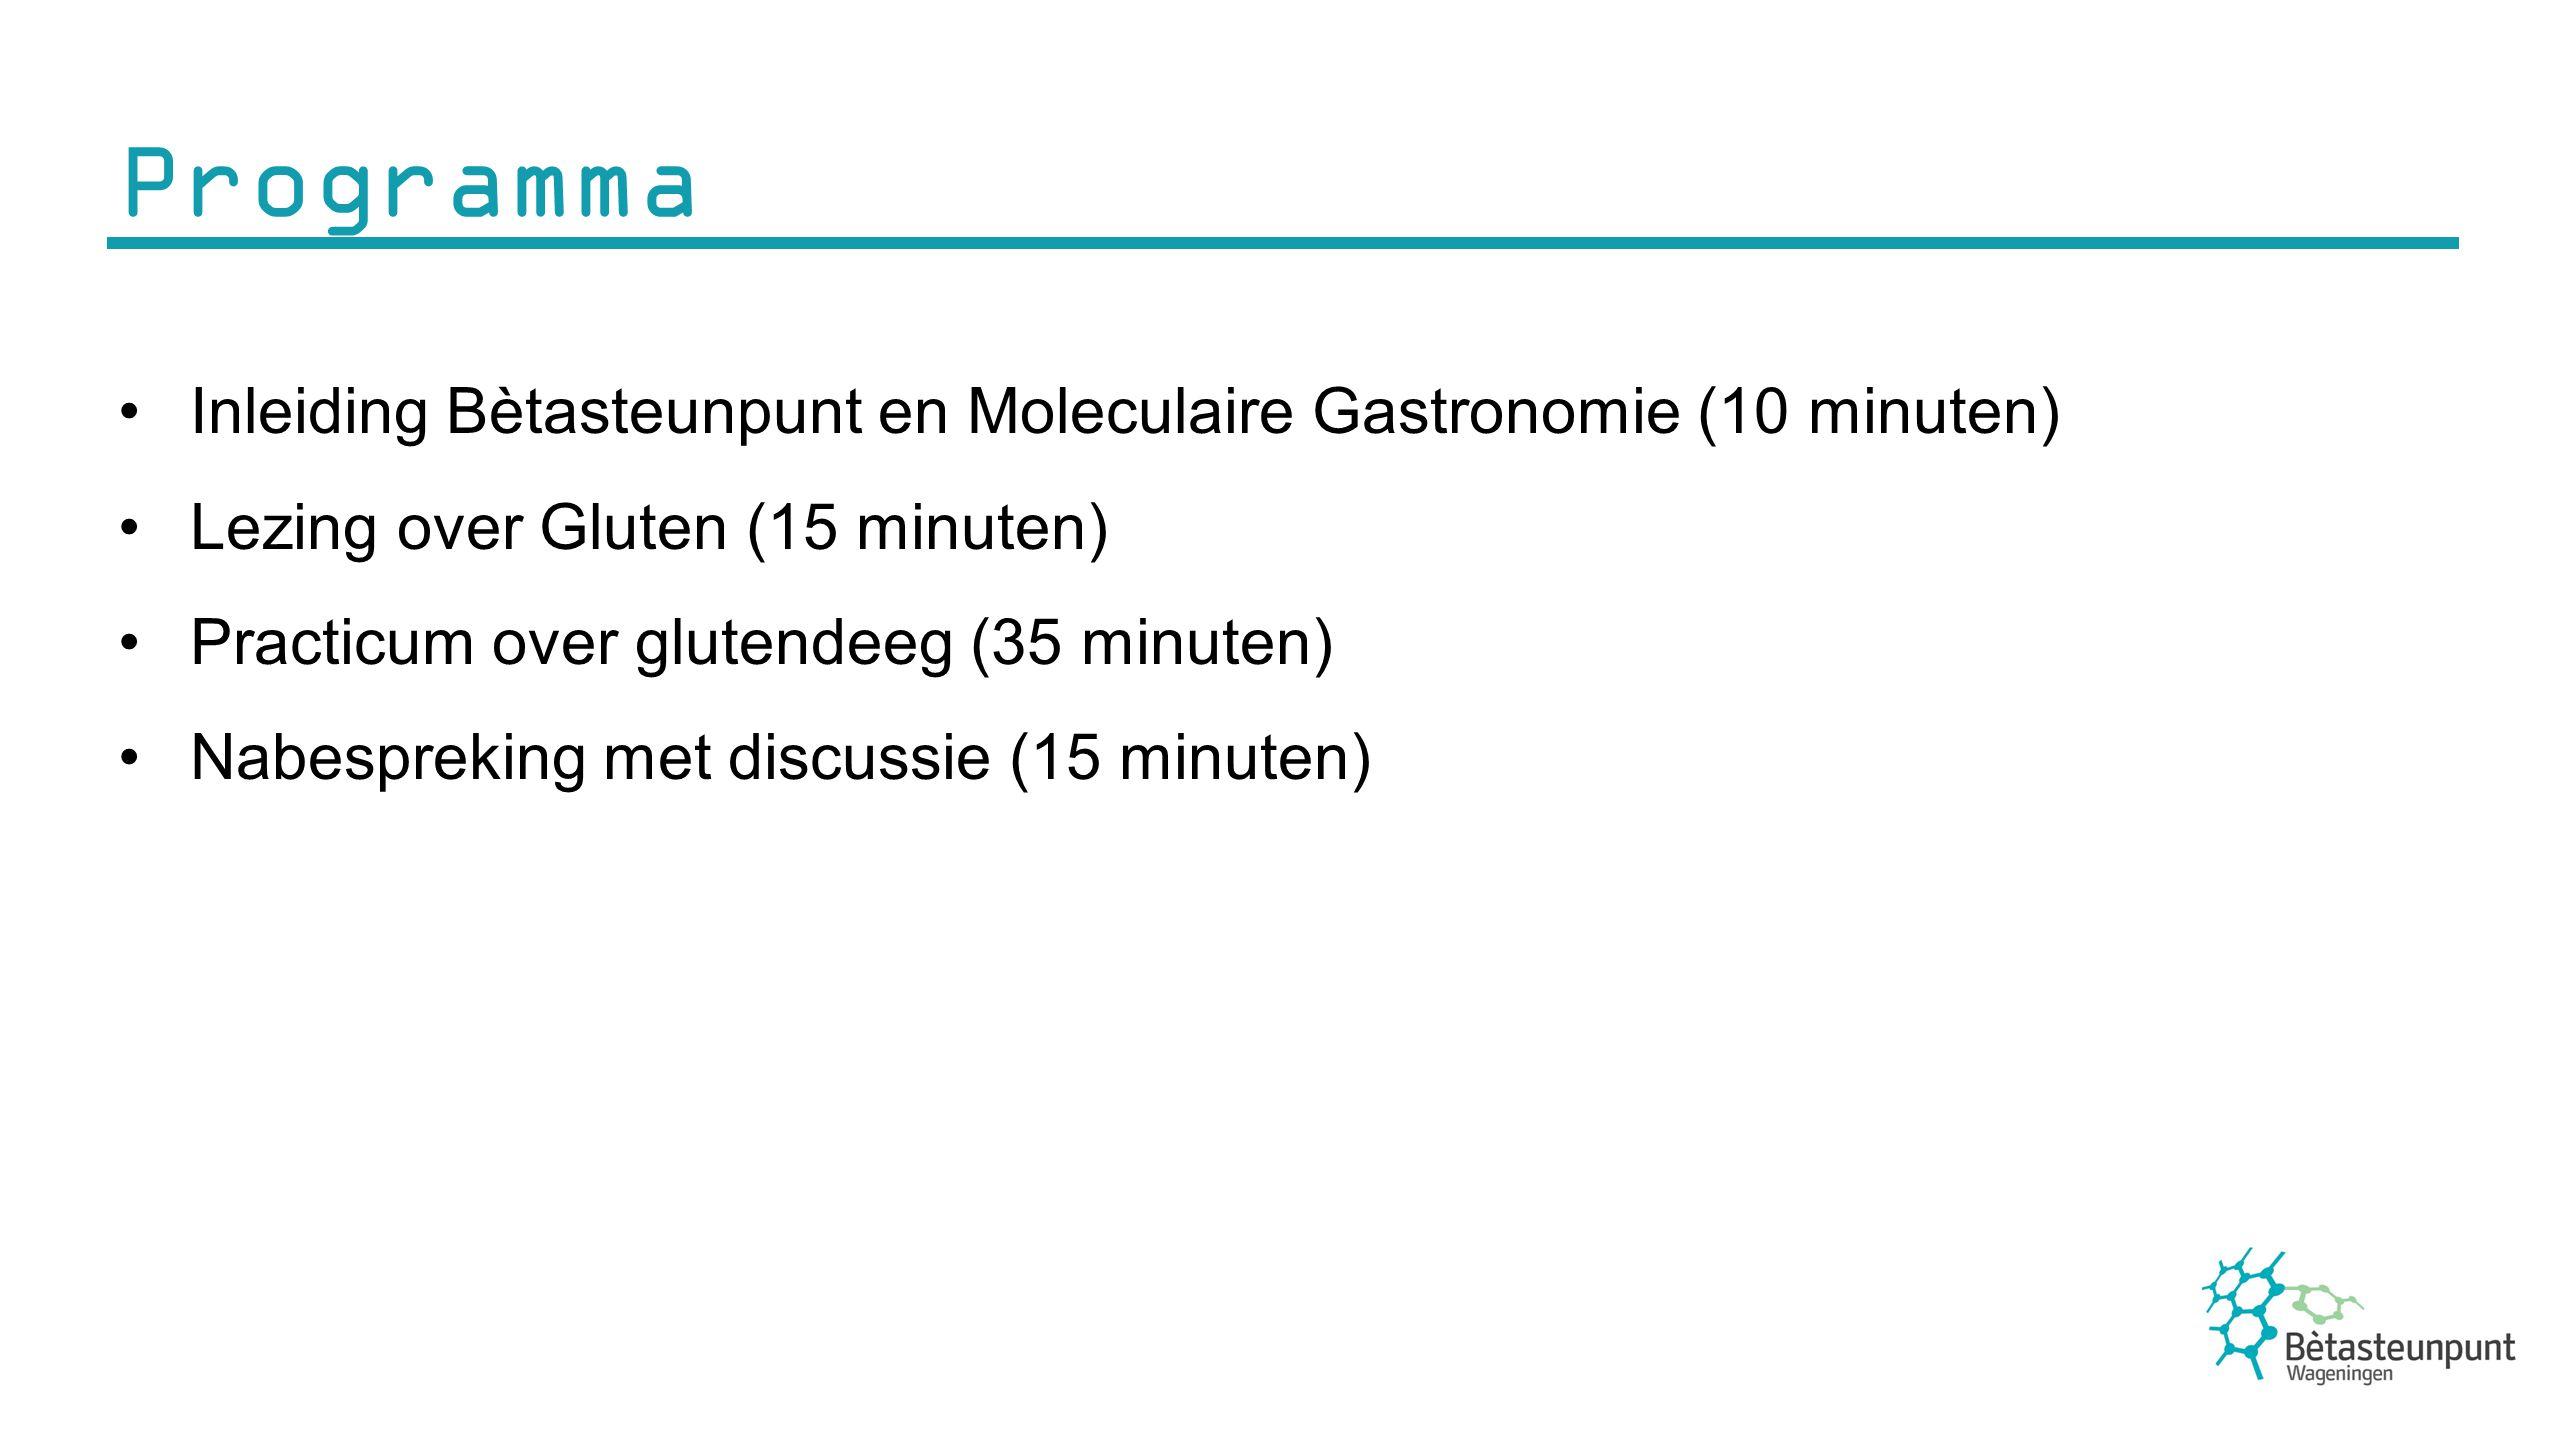 Programma Inleiding Bètasteunpunt en Moleculaire Gastronomie (10 minuten) Lezing over Gluten (15 minuten) Practicum over glutendeeg (35 minuten) Nabespreking met discussie (15 minuten)